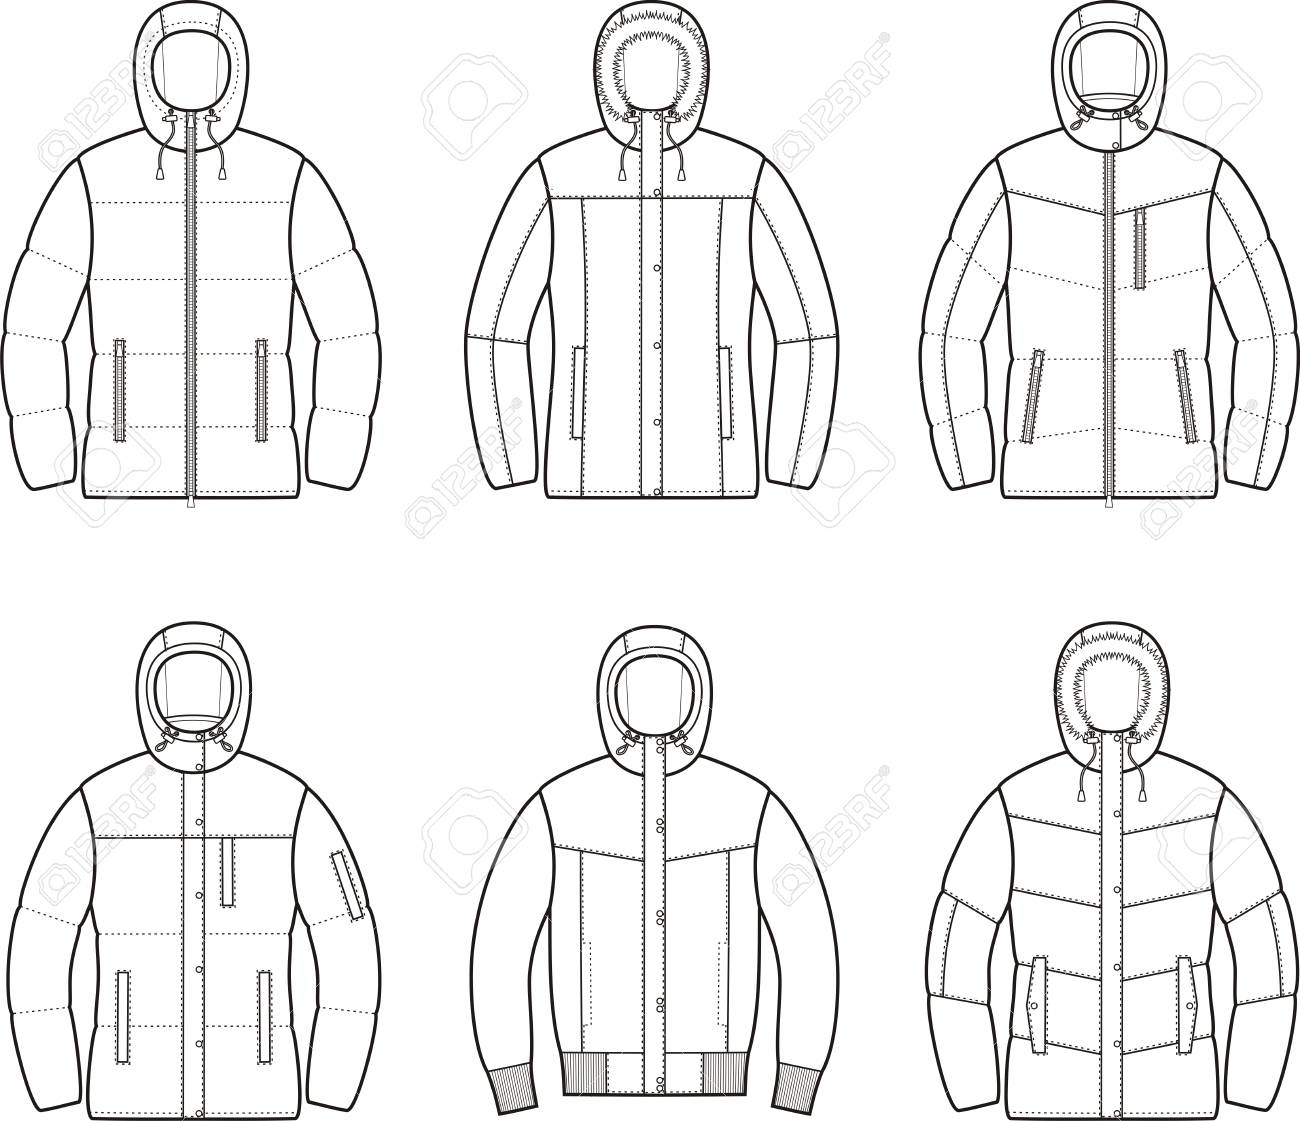 ダウン ジャケット レディース冬のベクトル イラストのイラスト素材